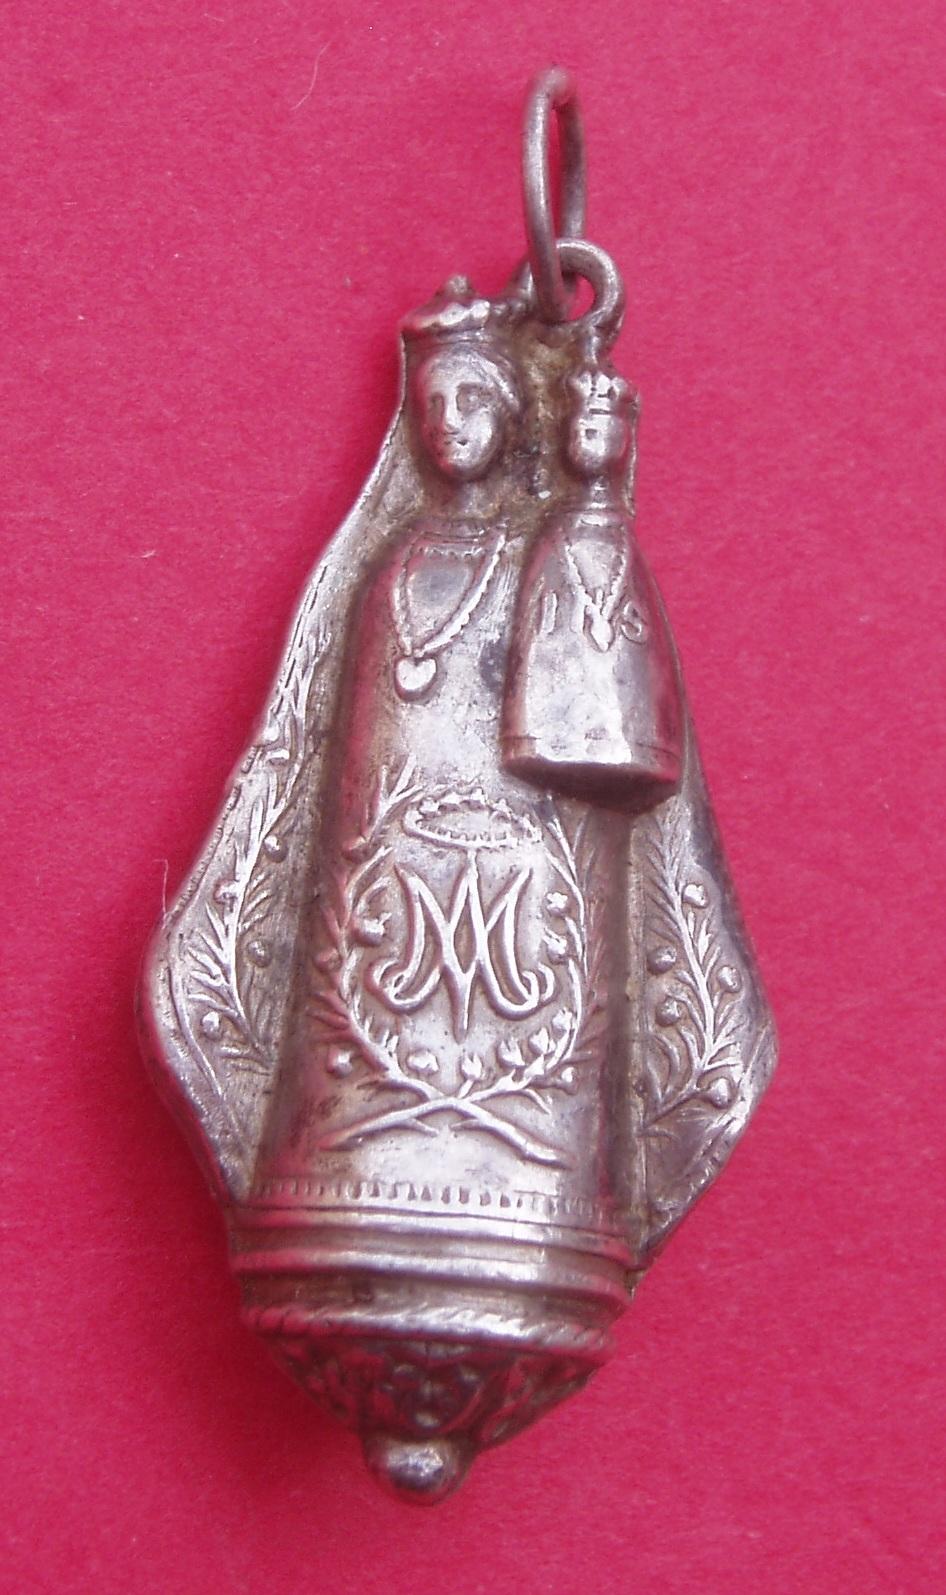 Figura exenta de Ntra. Sra. de Verdelais  (Francia) 2zdzwaf